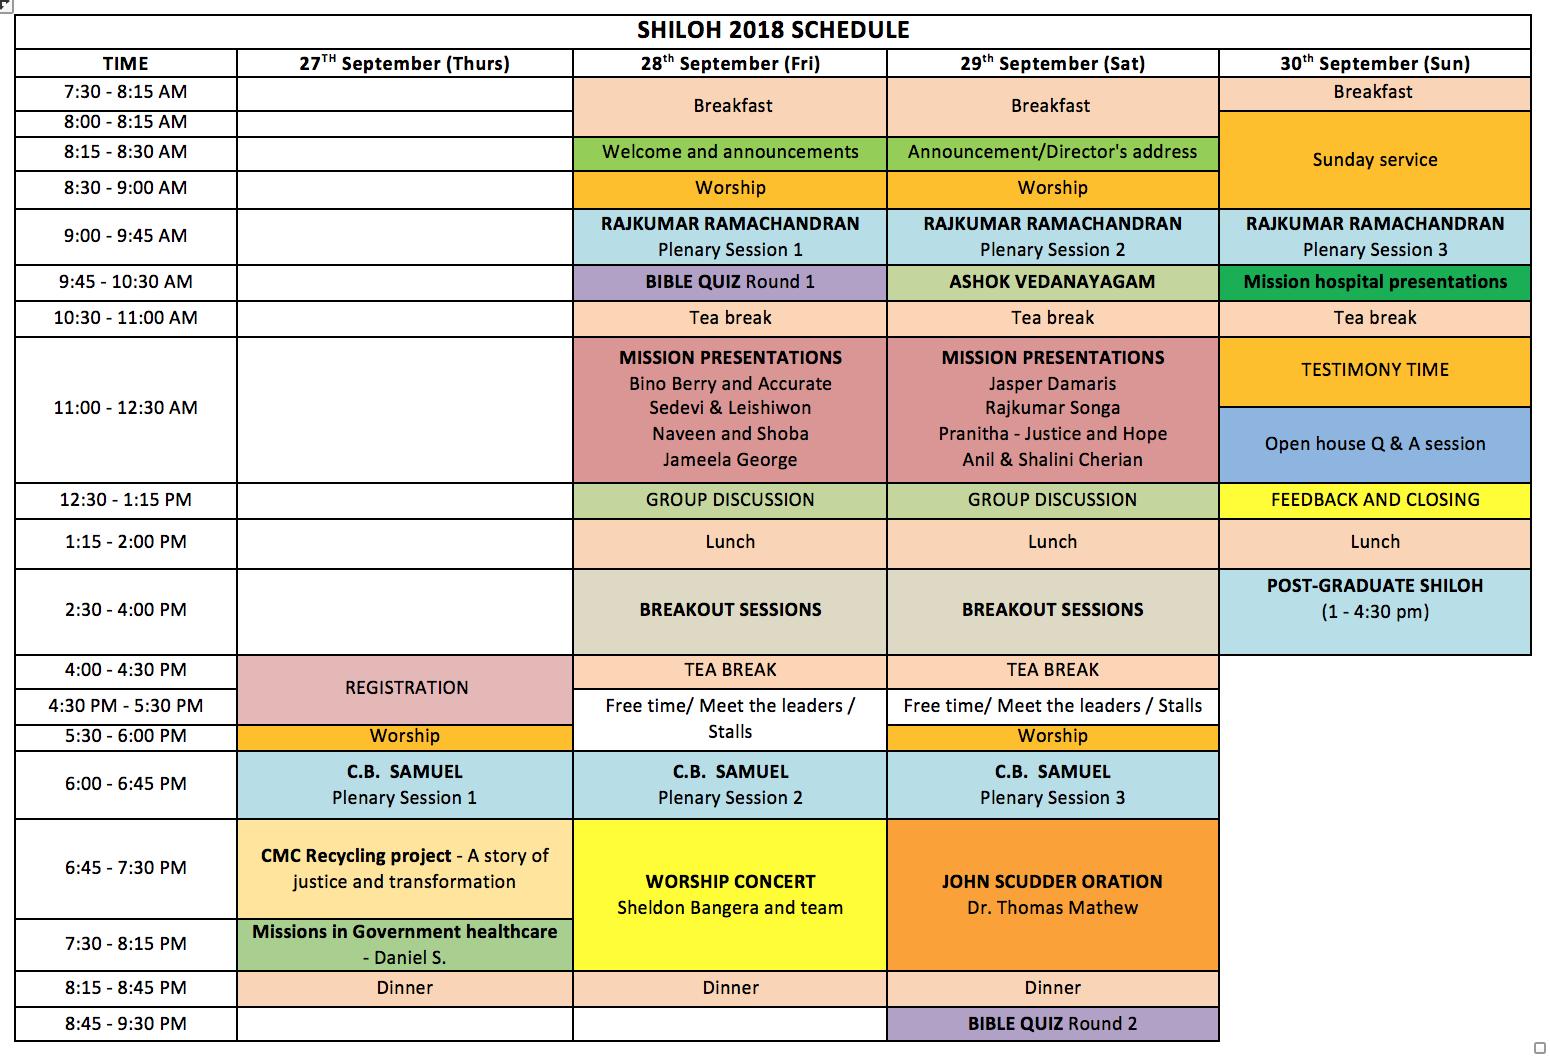 Shiloh 2018 final schedule